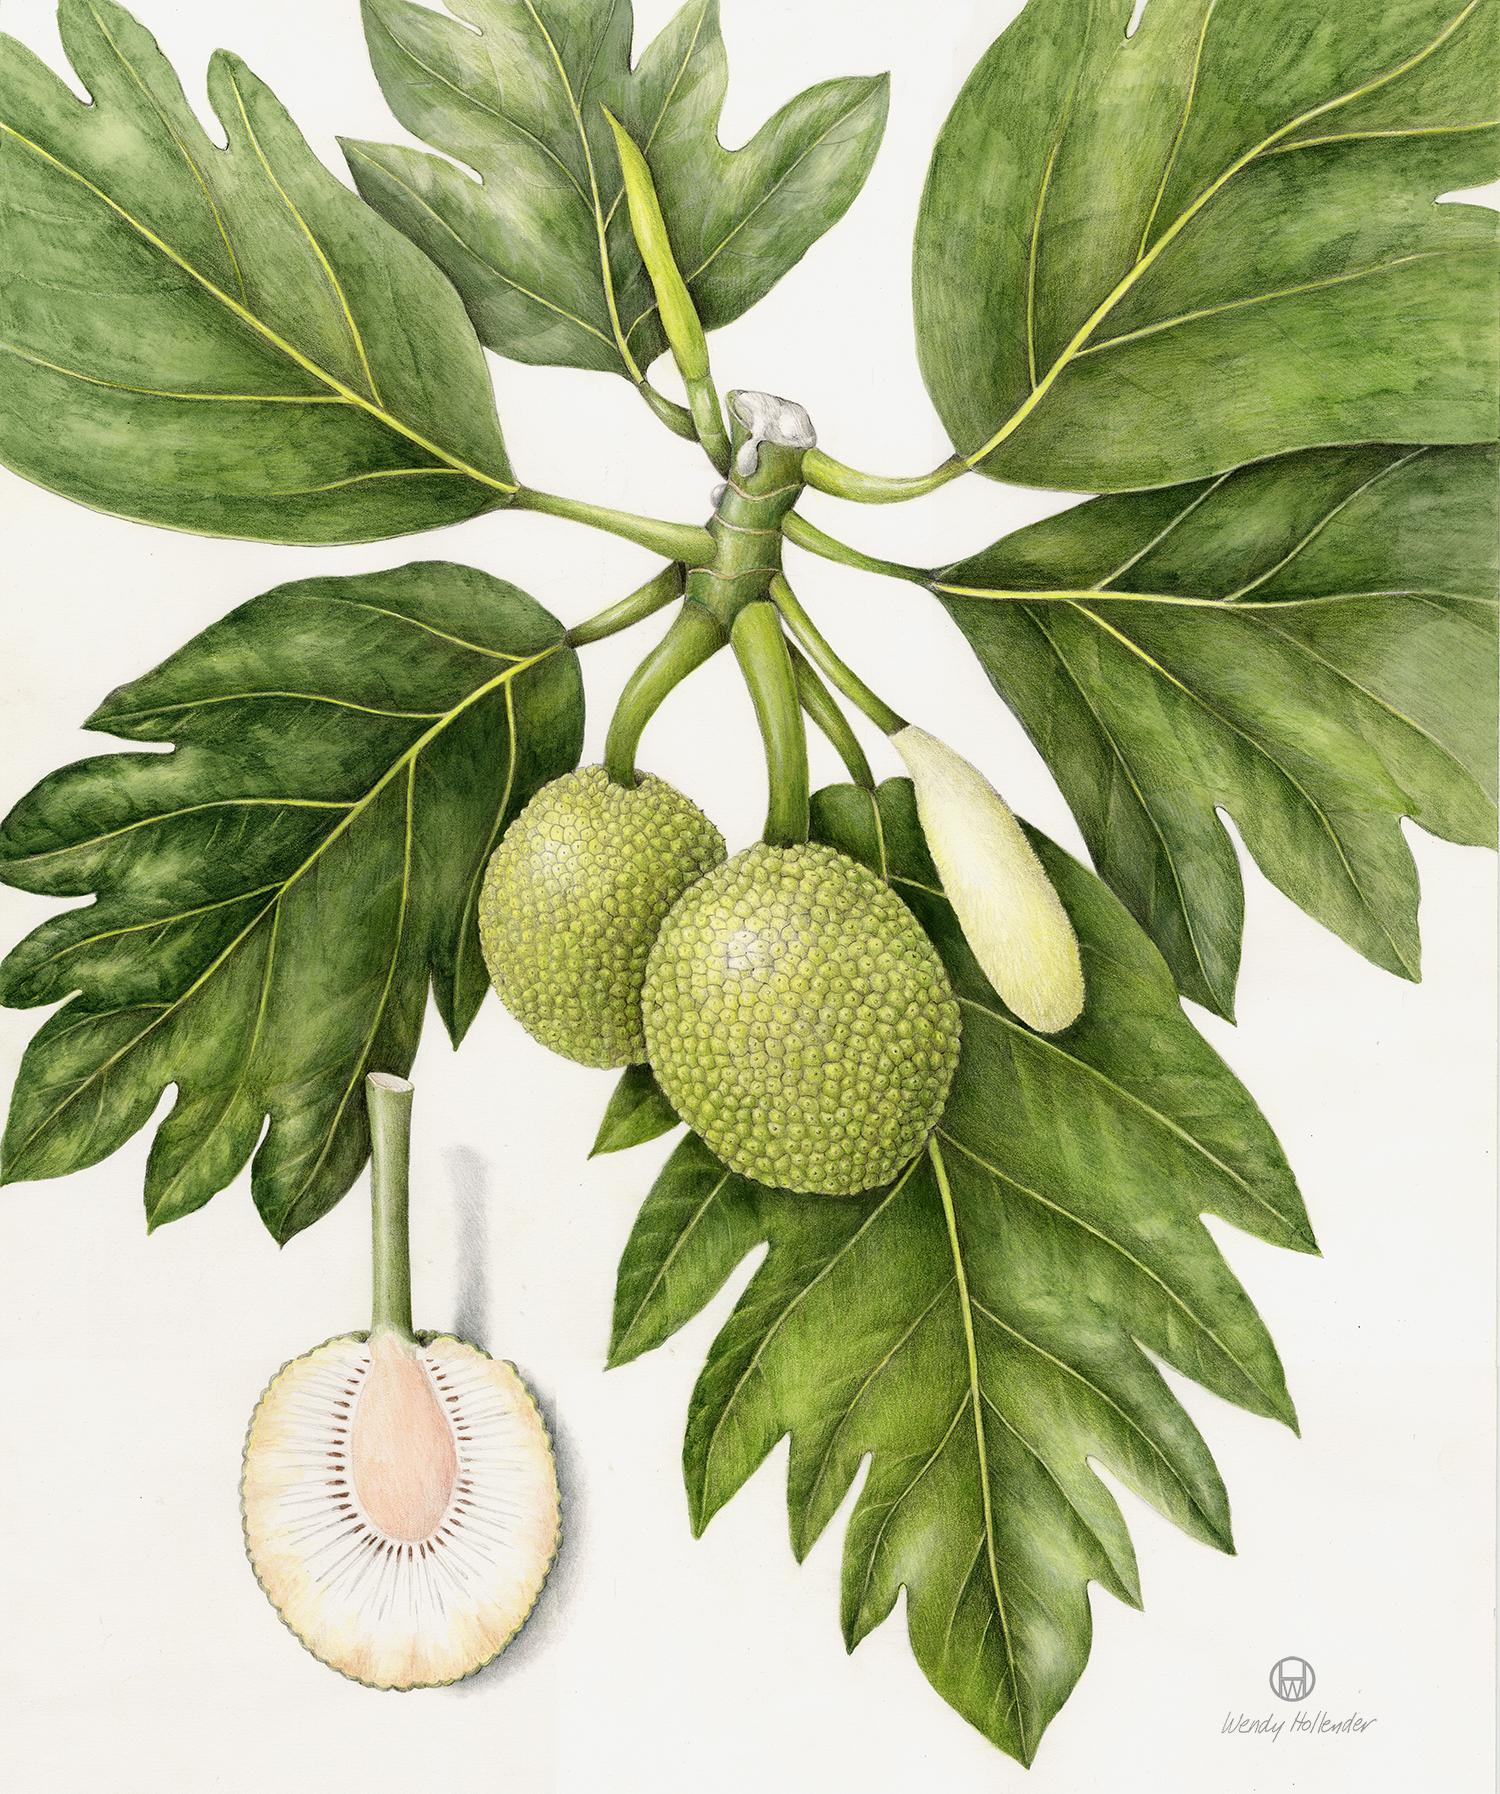 Ulu/Breadfruit - Artocarpus altilis